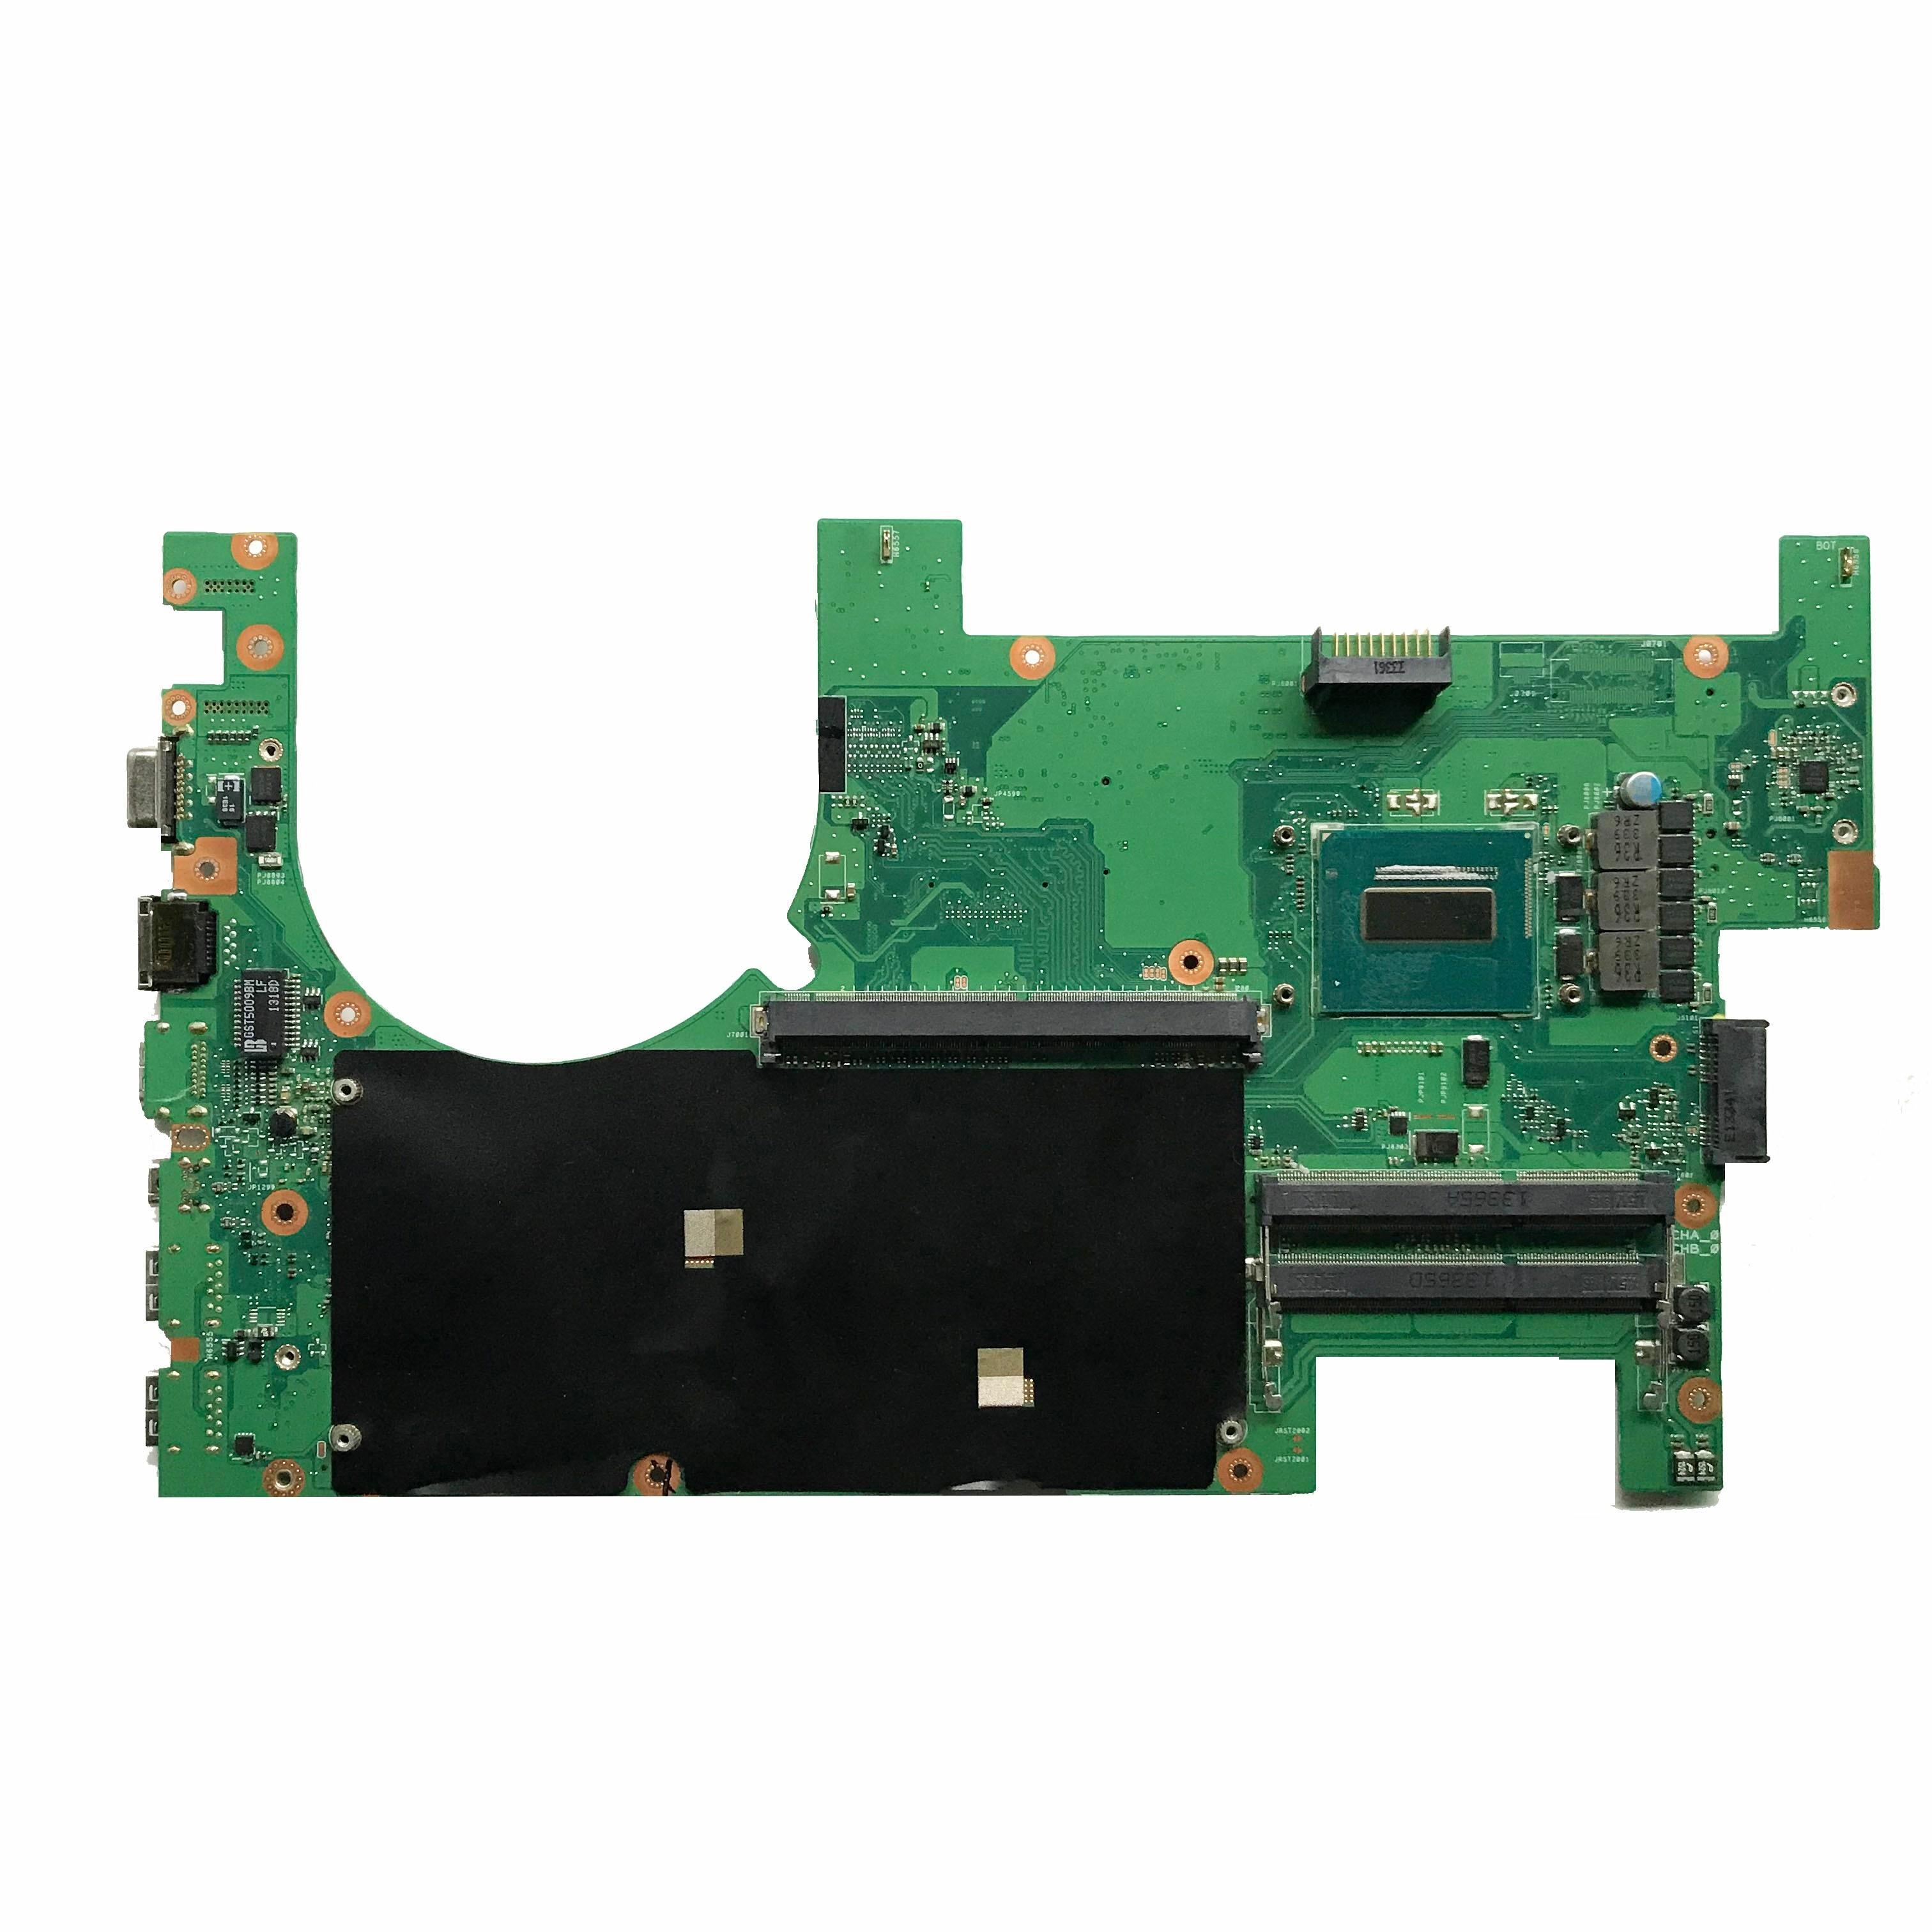 i.ibb.co/tMT5hSX/Placa-M-e-para-Notebook-Asus-G750-J-G750-JW-G750-JH-2-D-com-I7-4700-HQ-60-NB0180-MB1040.jpg